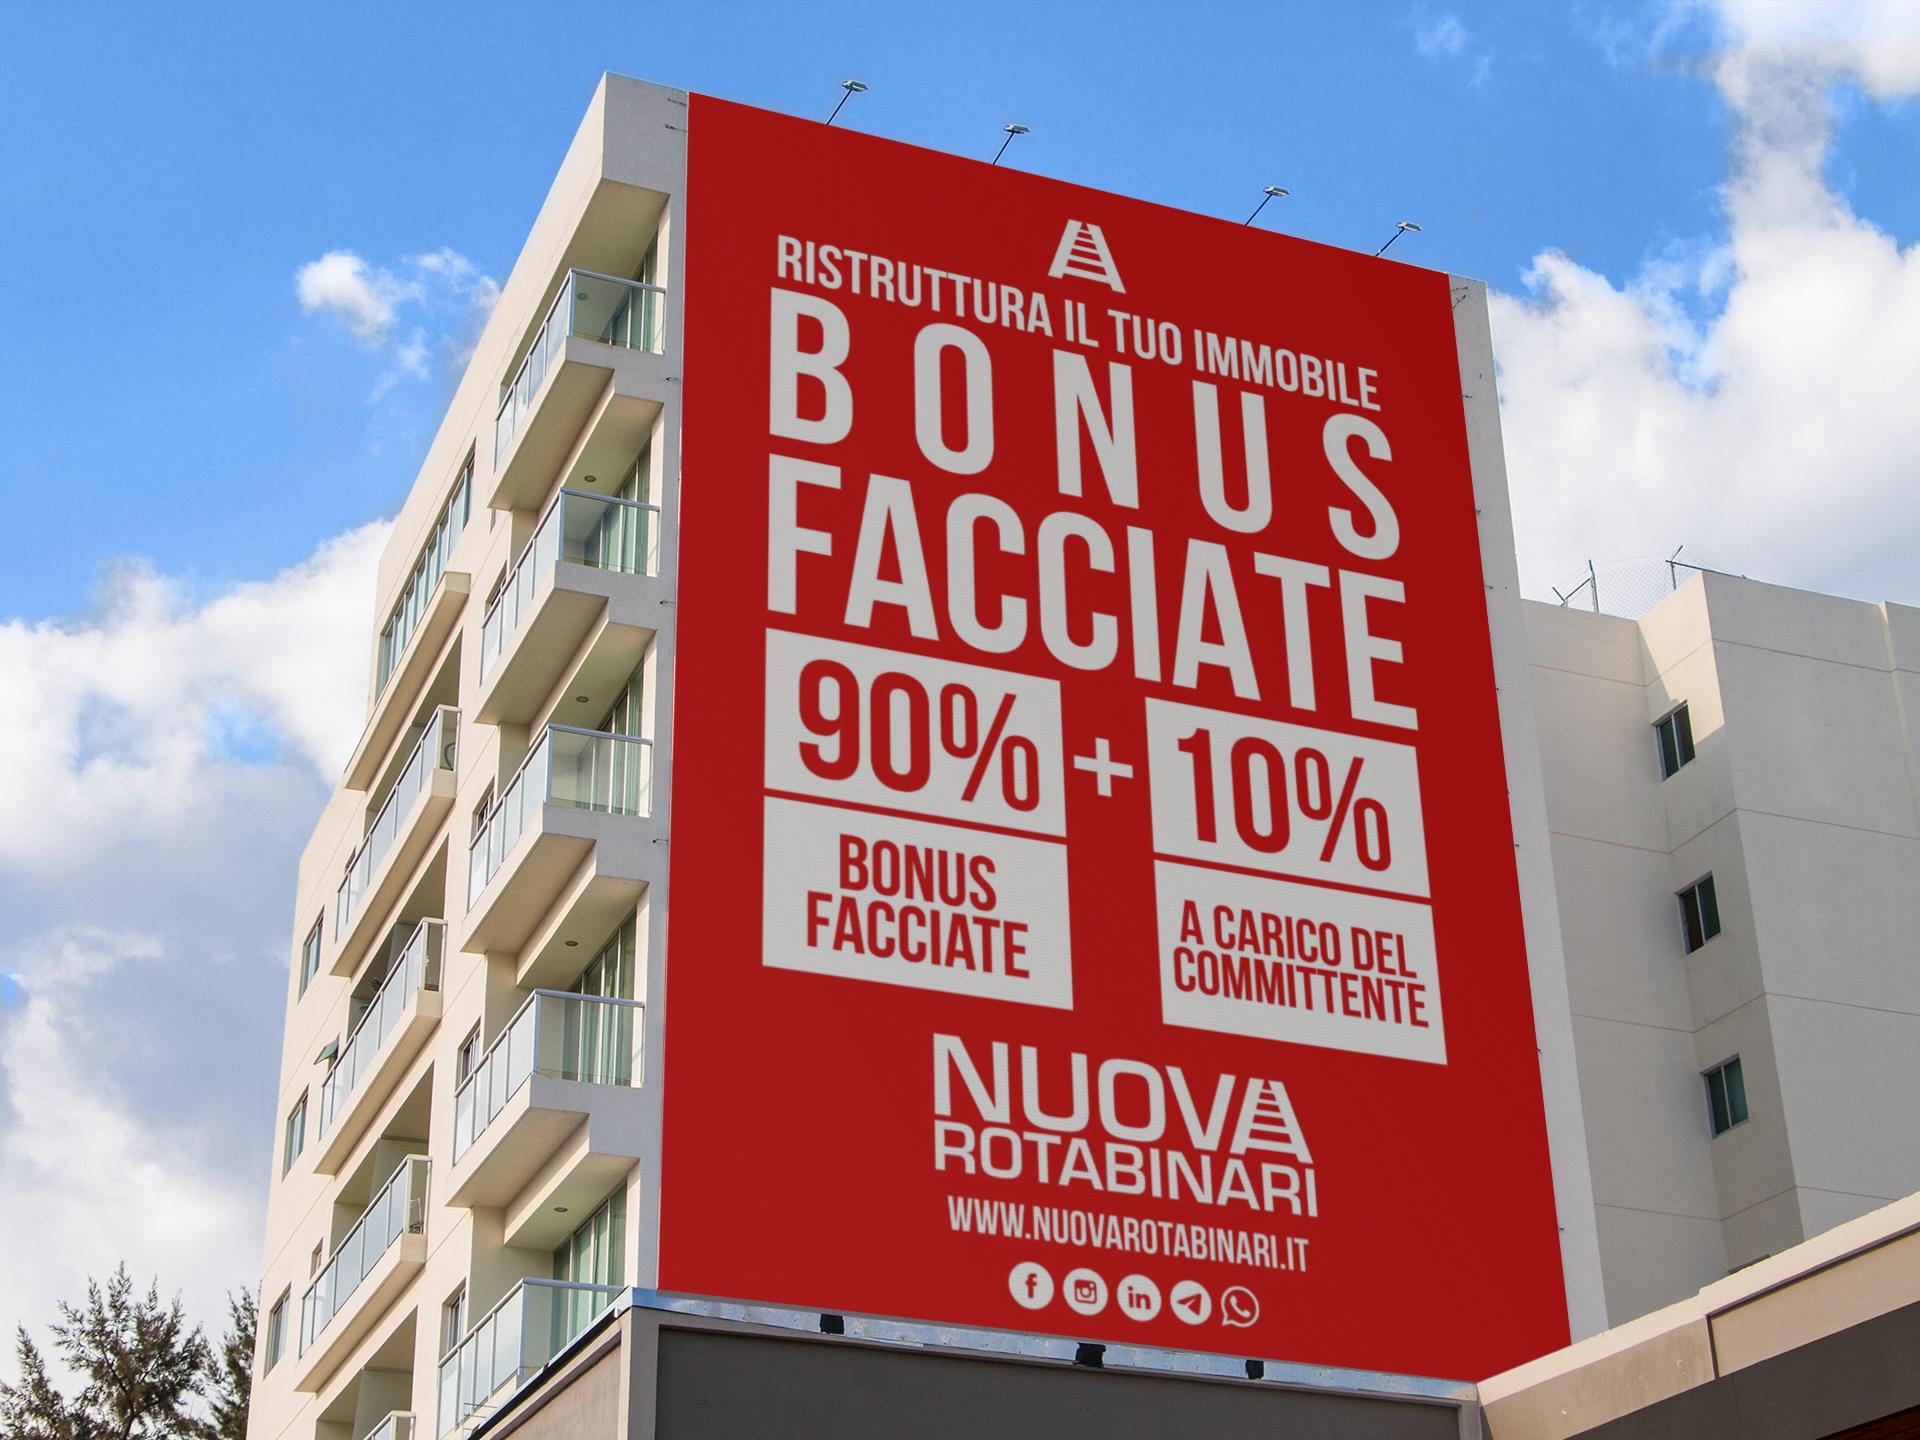 Bonus facciate 90% - NUOVA ROTABINARI